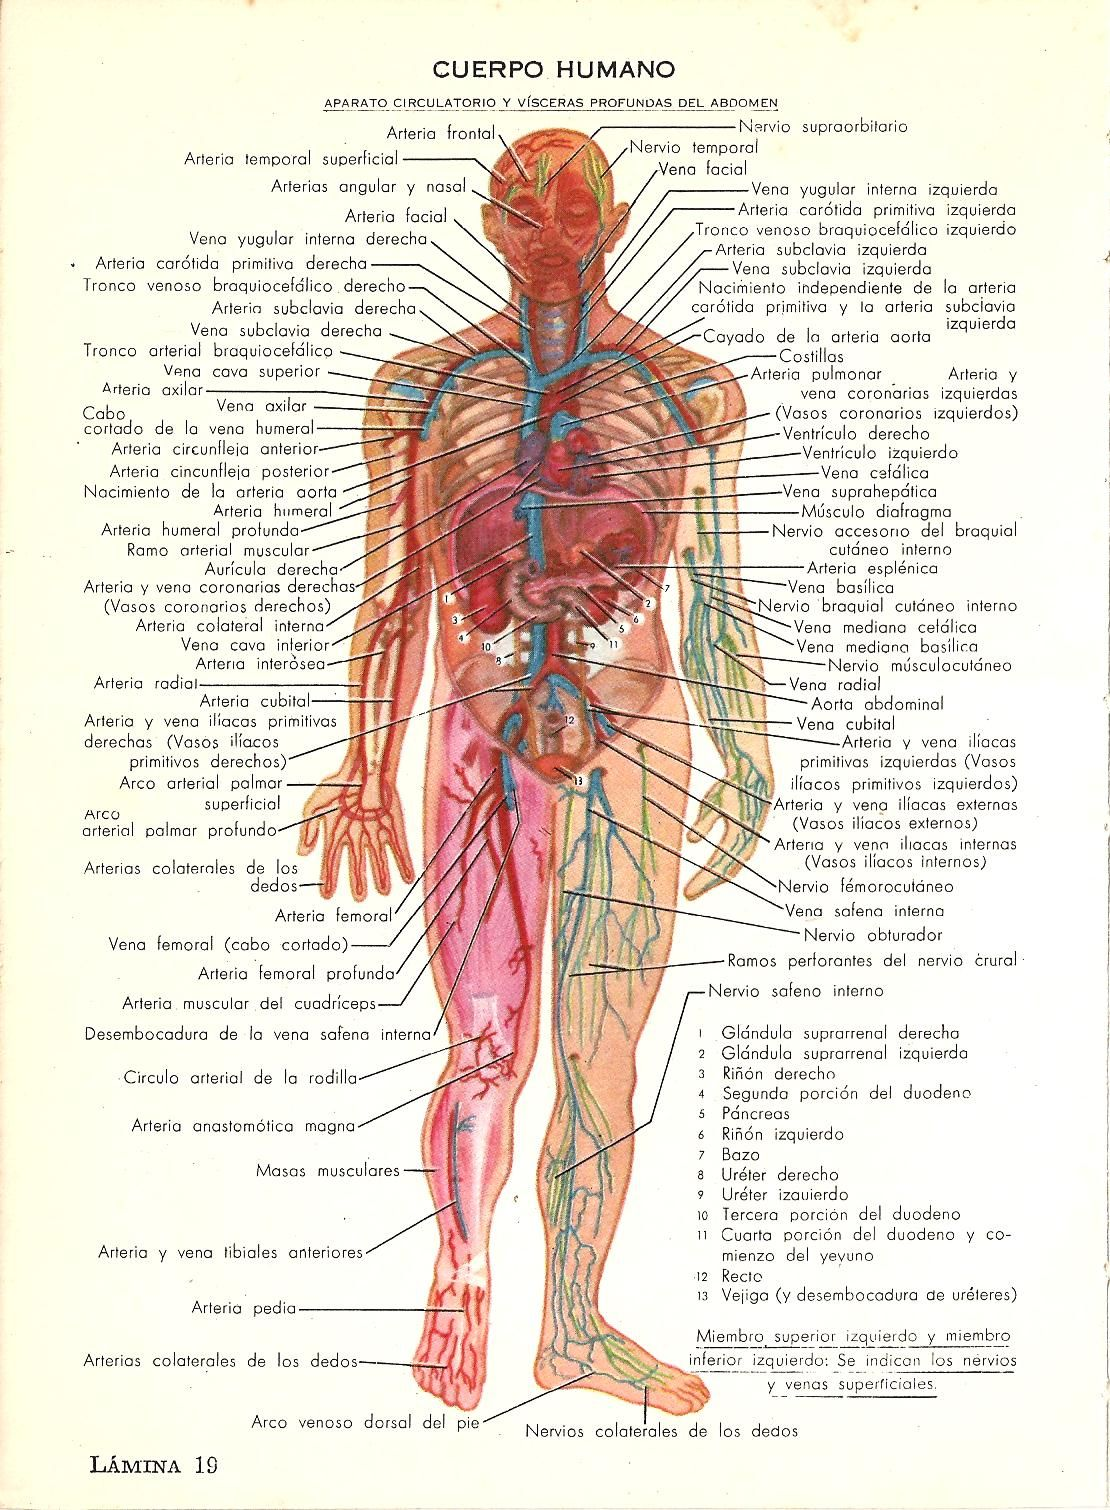 Cuerpo humano. Aparato circulatorio y vísceras profundas del abdomen ...